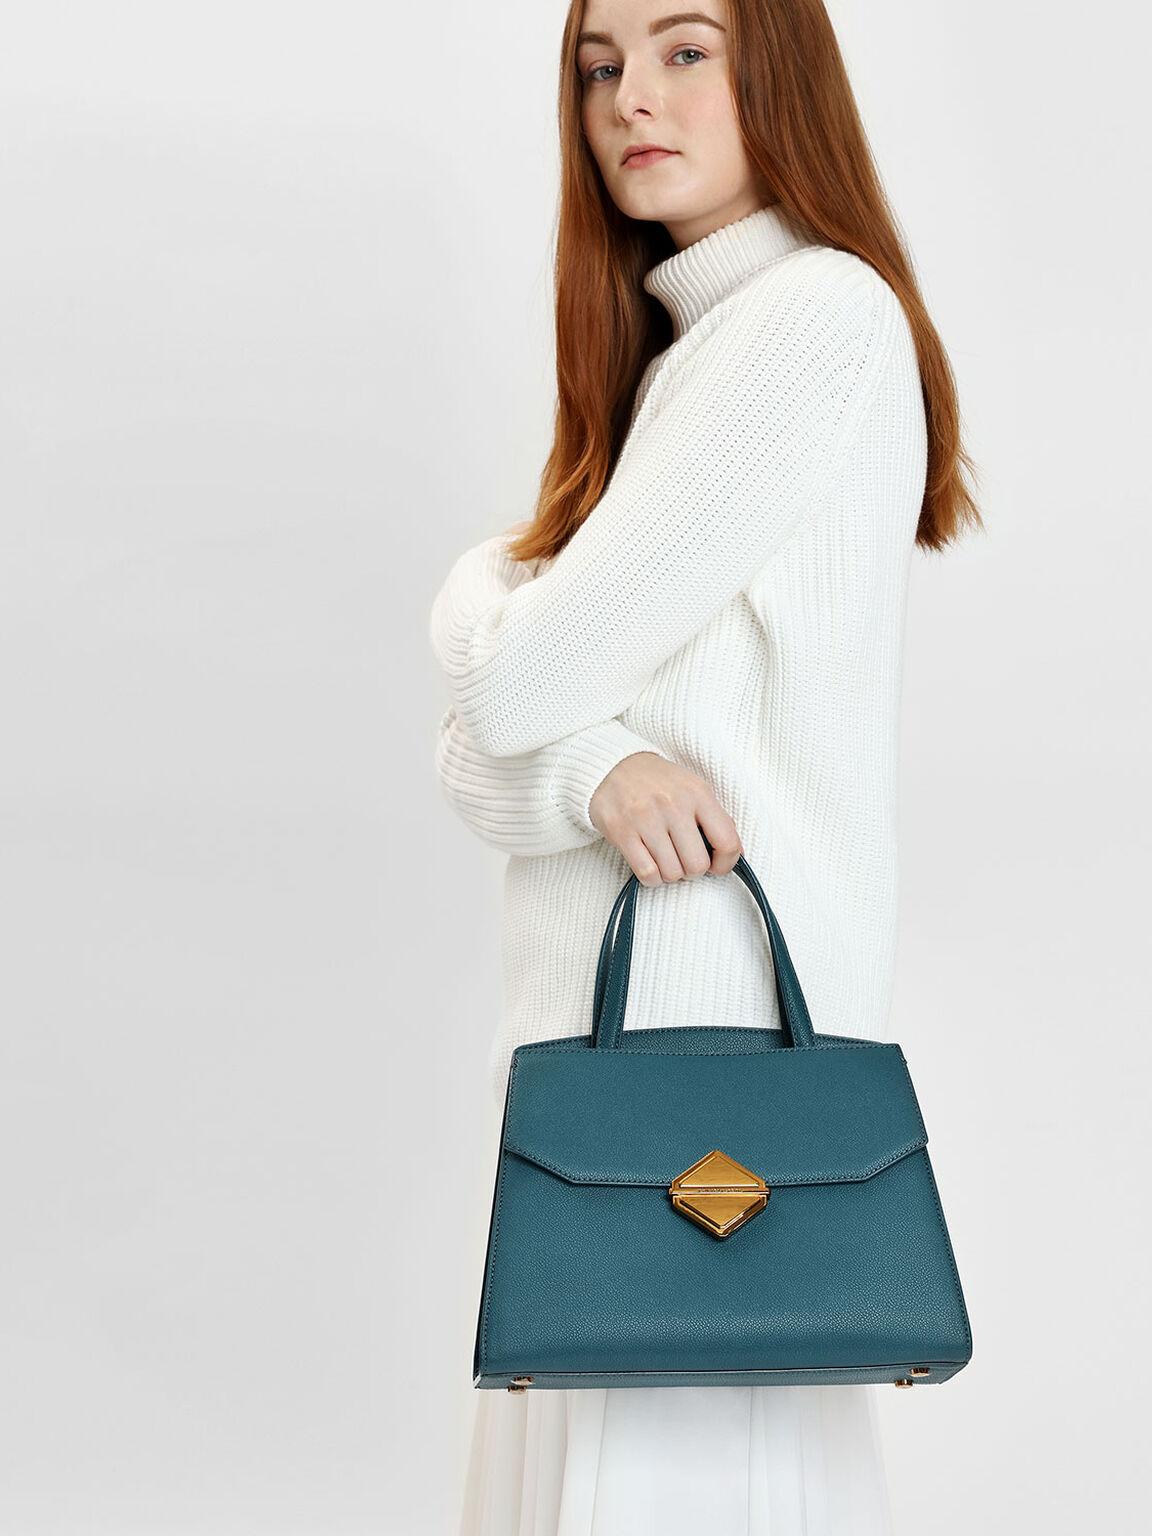 Metallic Accent Handbag, Teal, hi-res